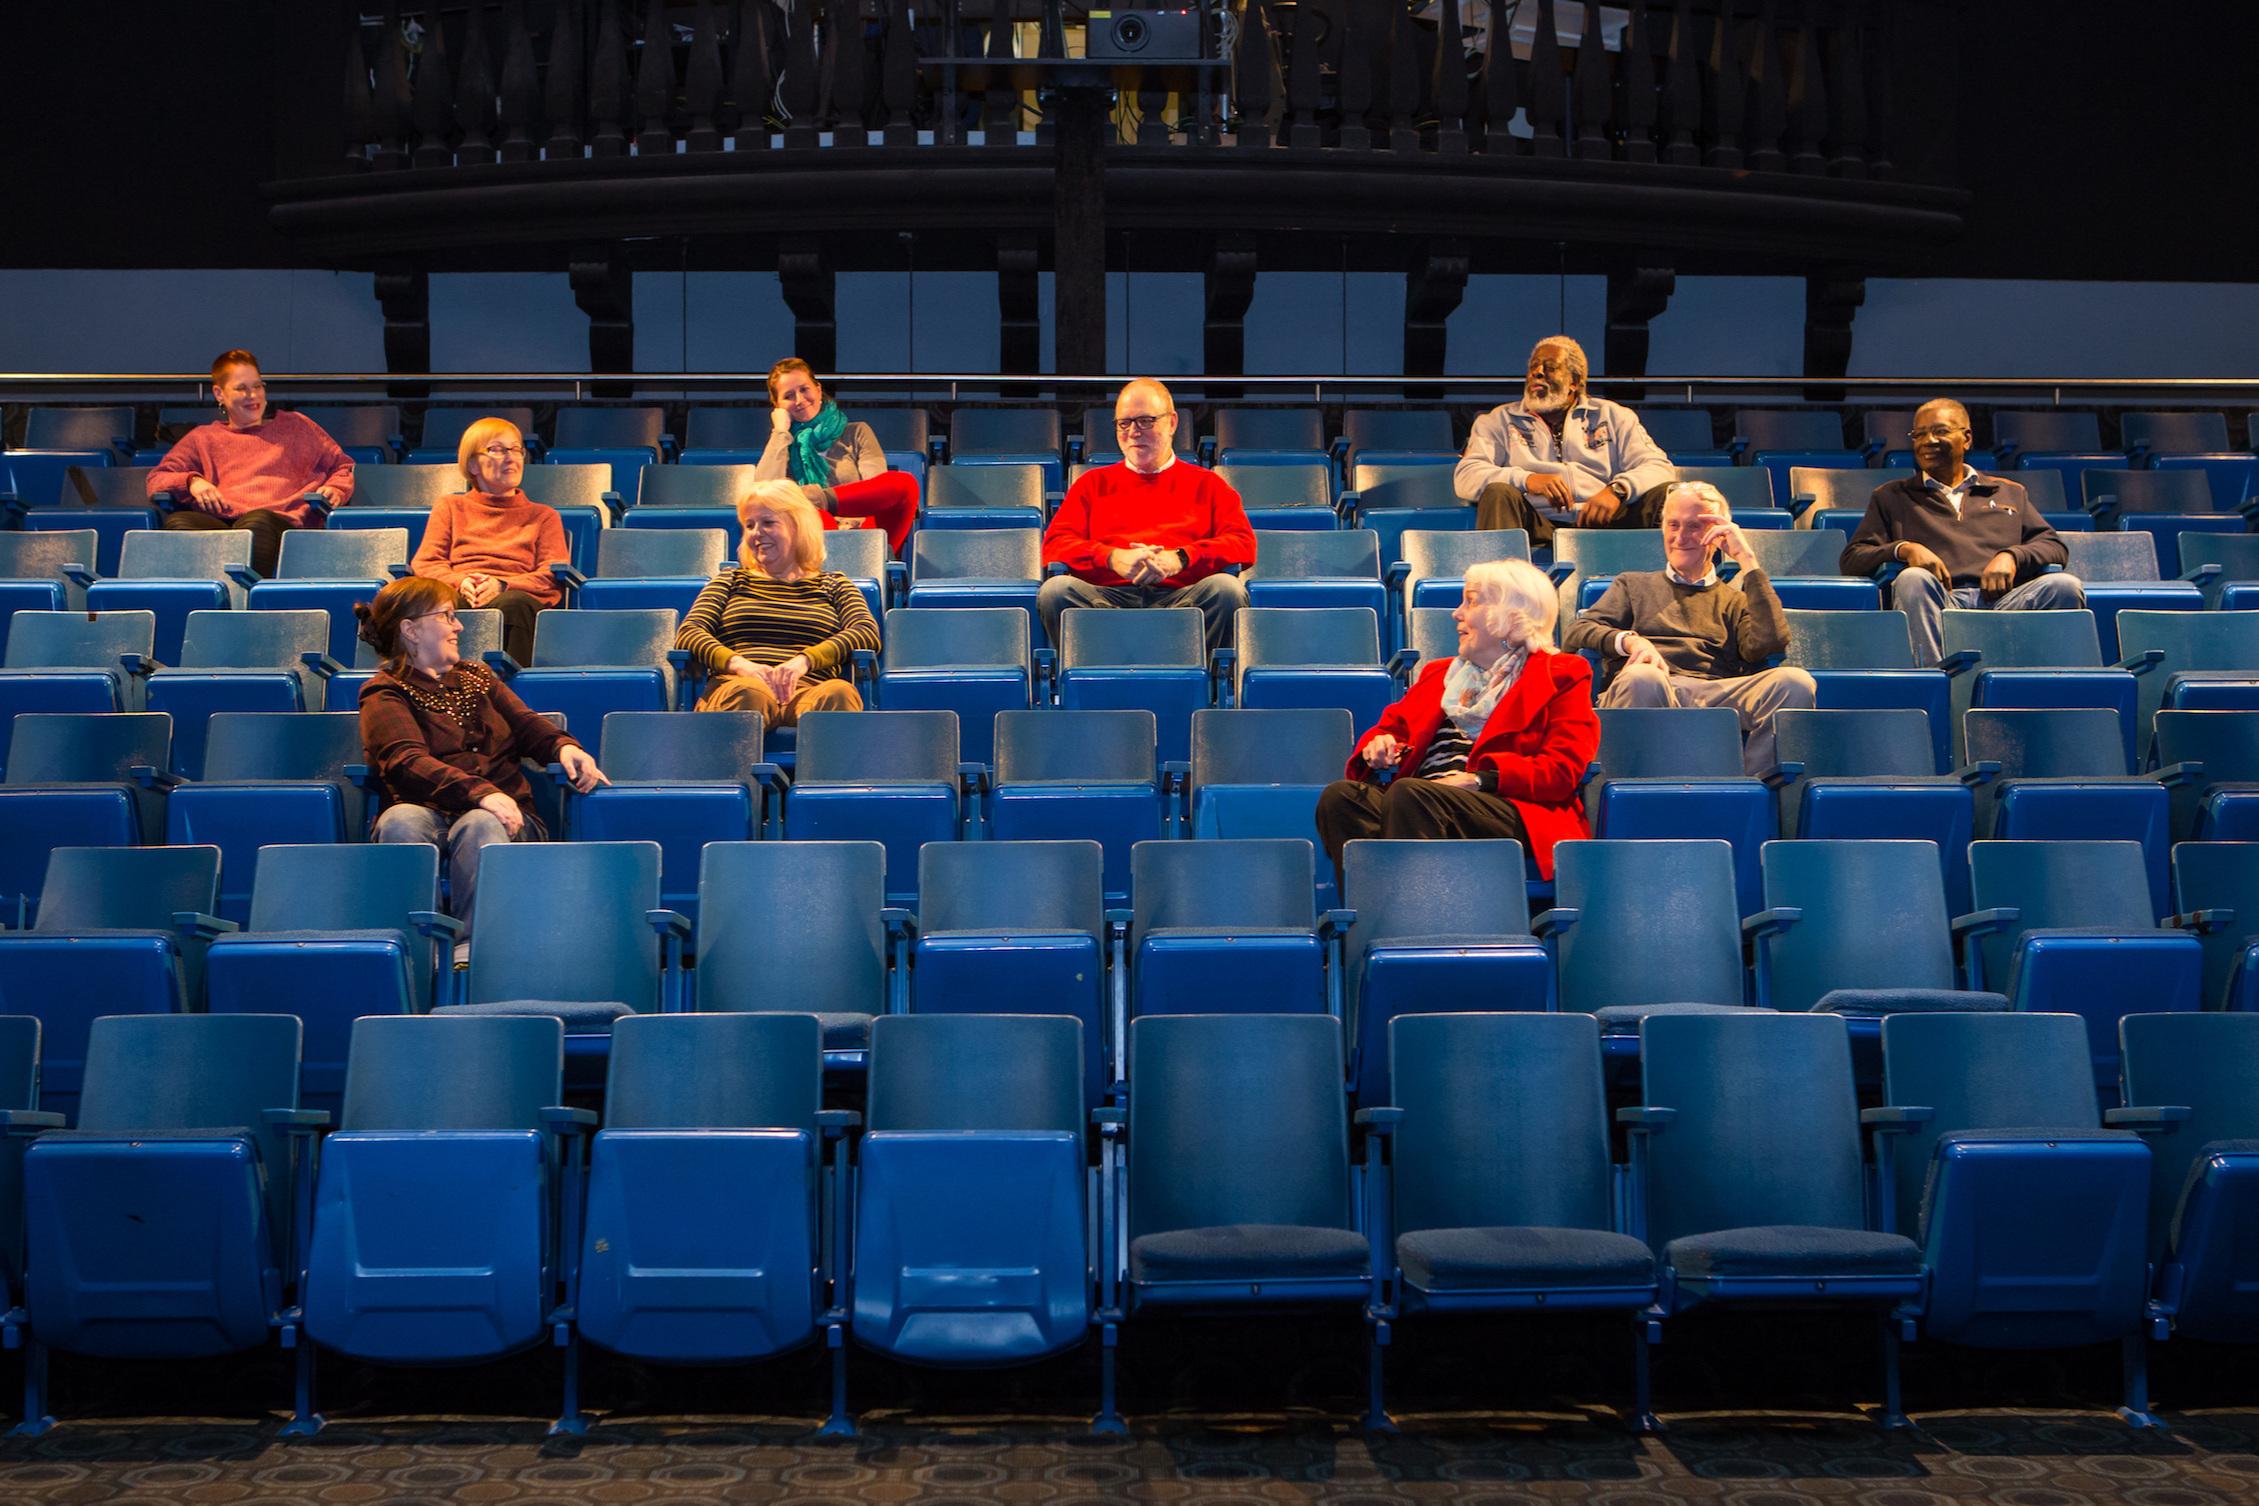 Schauspieler+im+Theaterraum